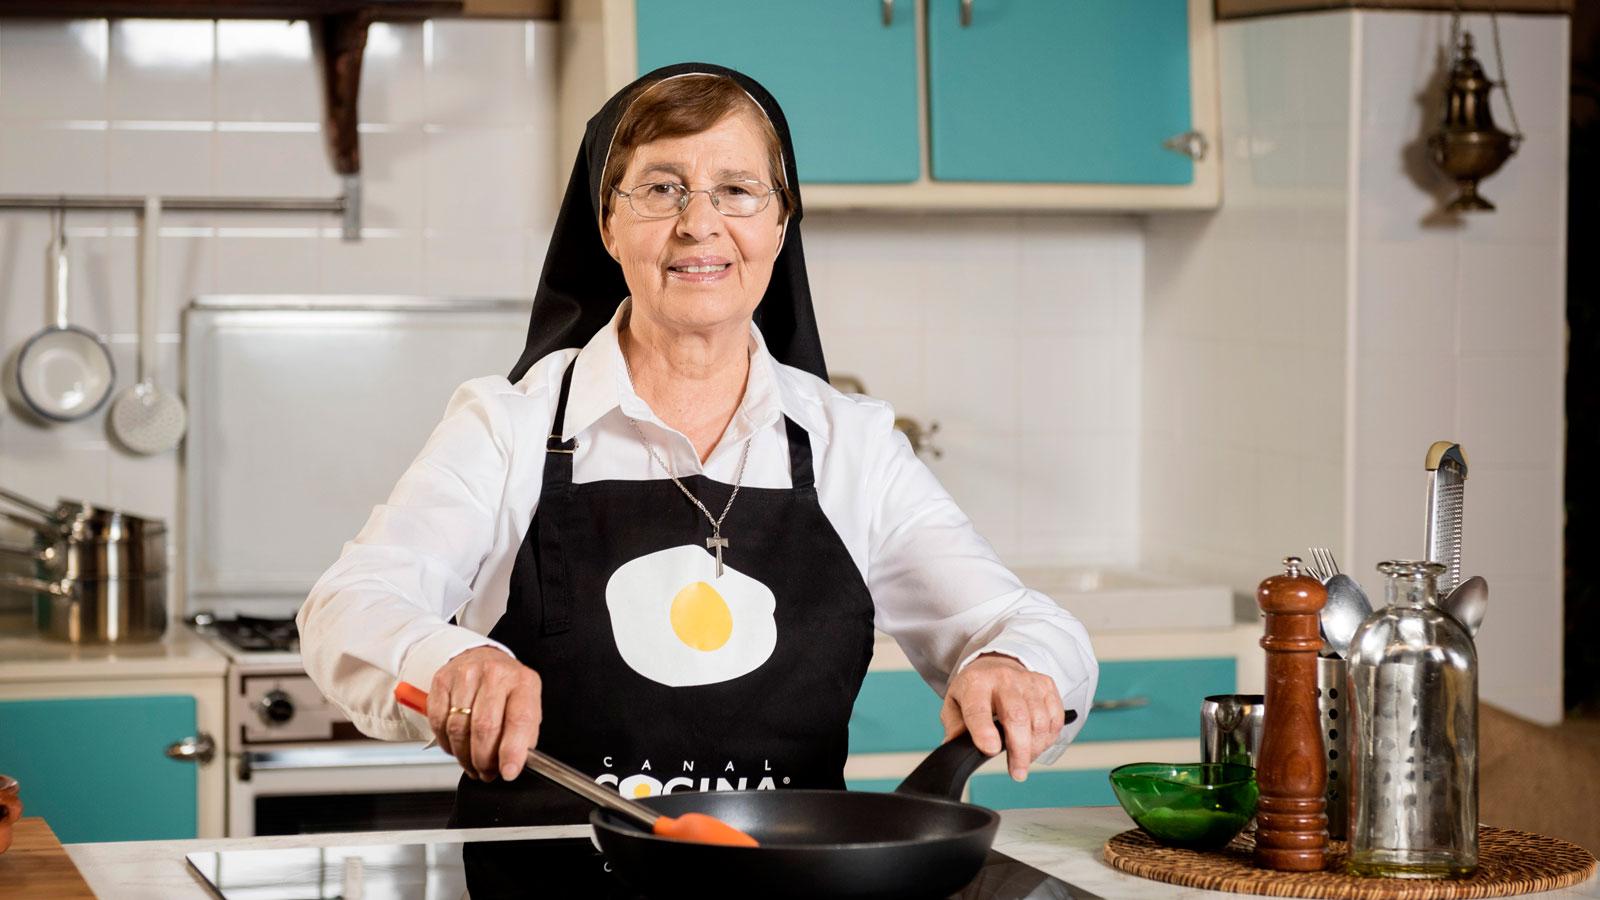 Pastel de bacalao hermana mar a jos receta canal cocina - Canal de cocina ...